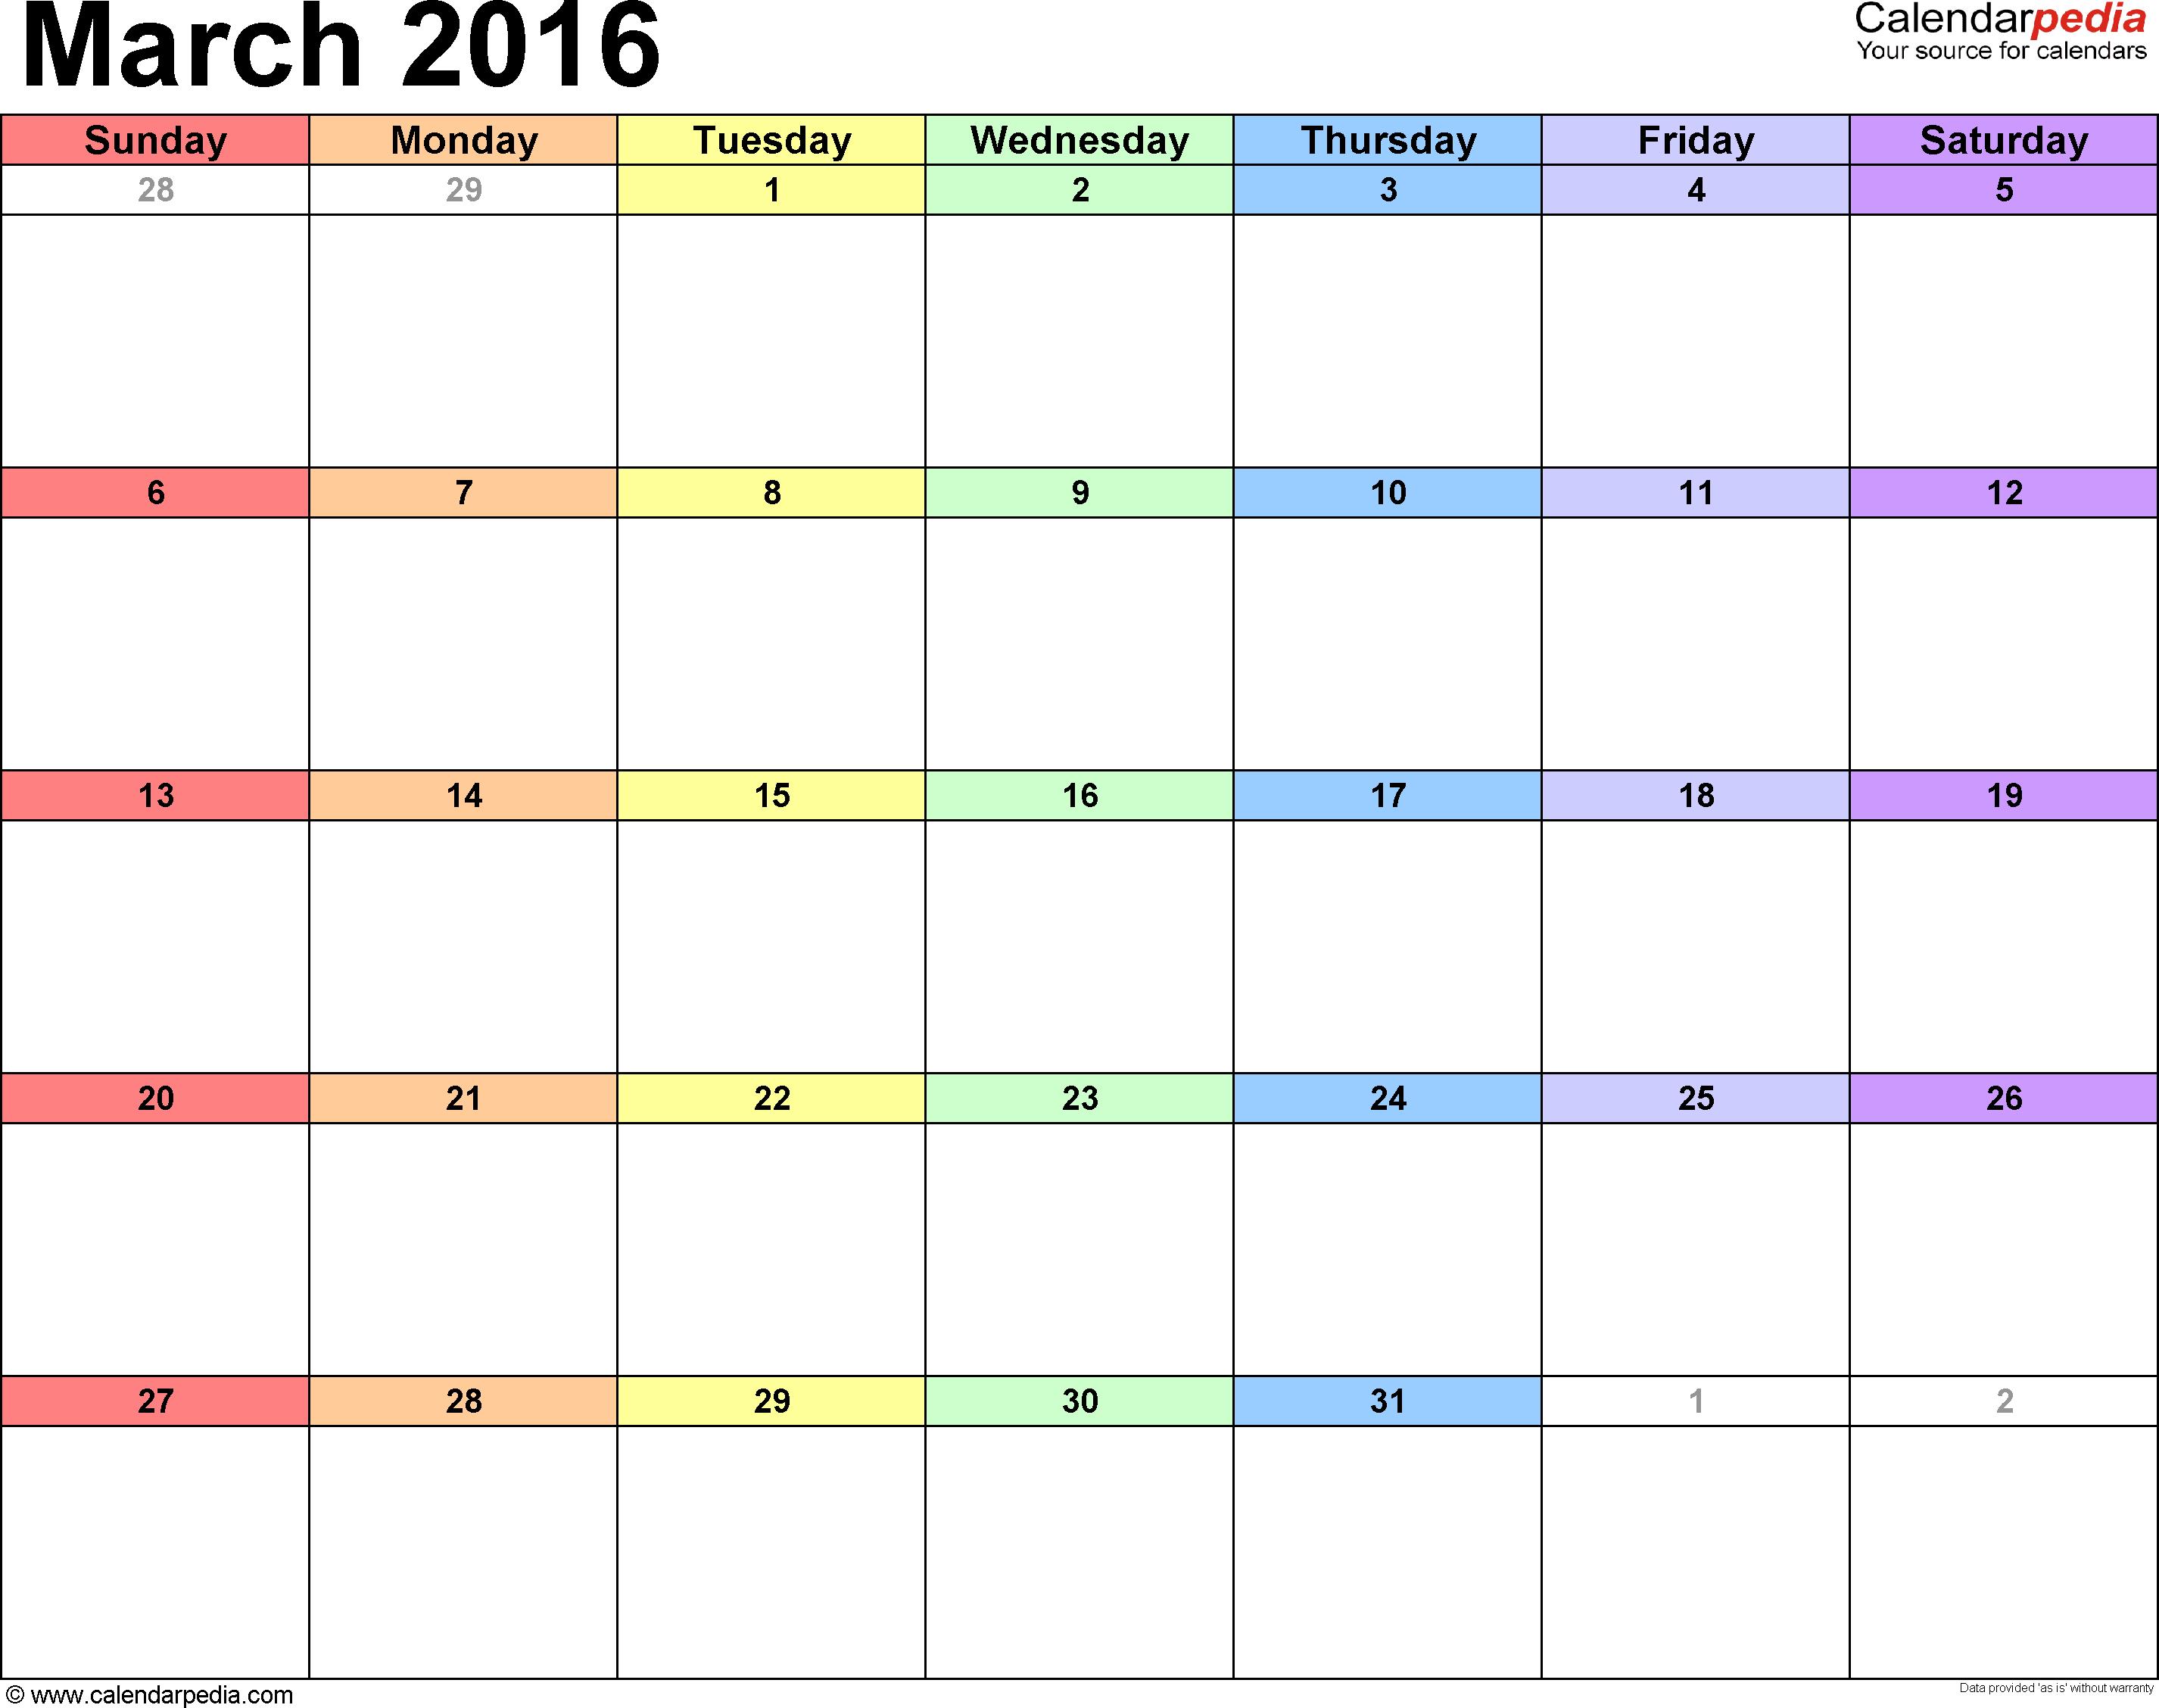 March 2016 Calendar Template